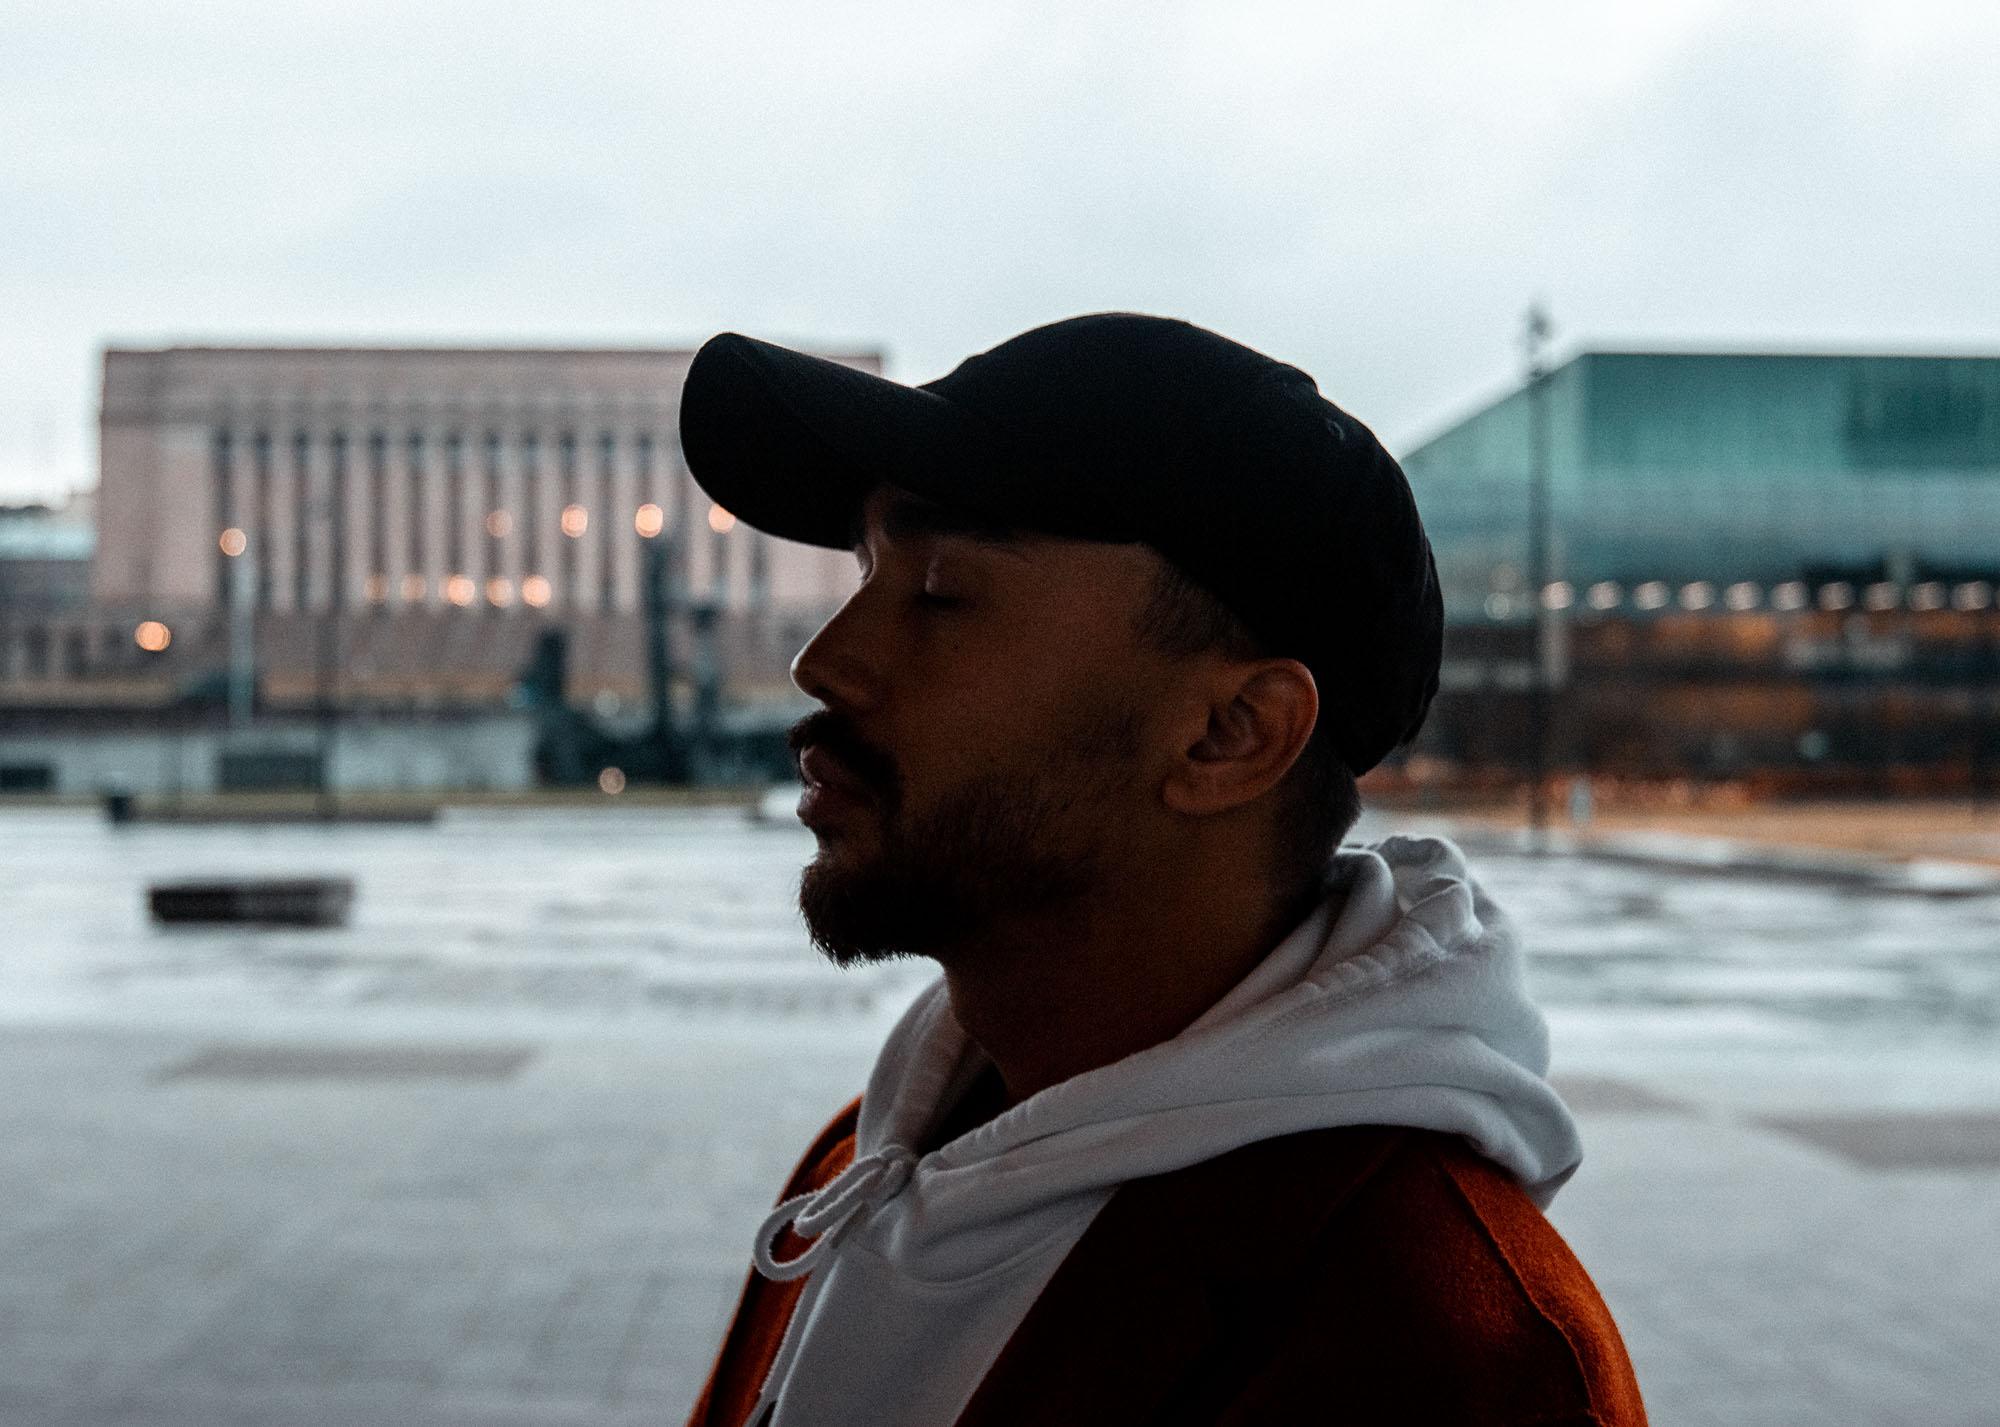 Lippalakkipäisen nuoren miehen siluetti, taustalla aukio.